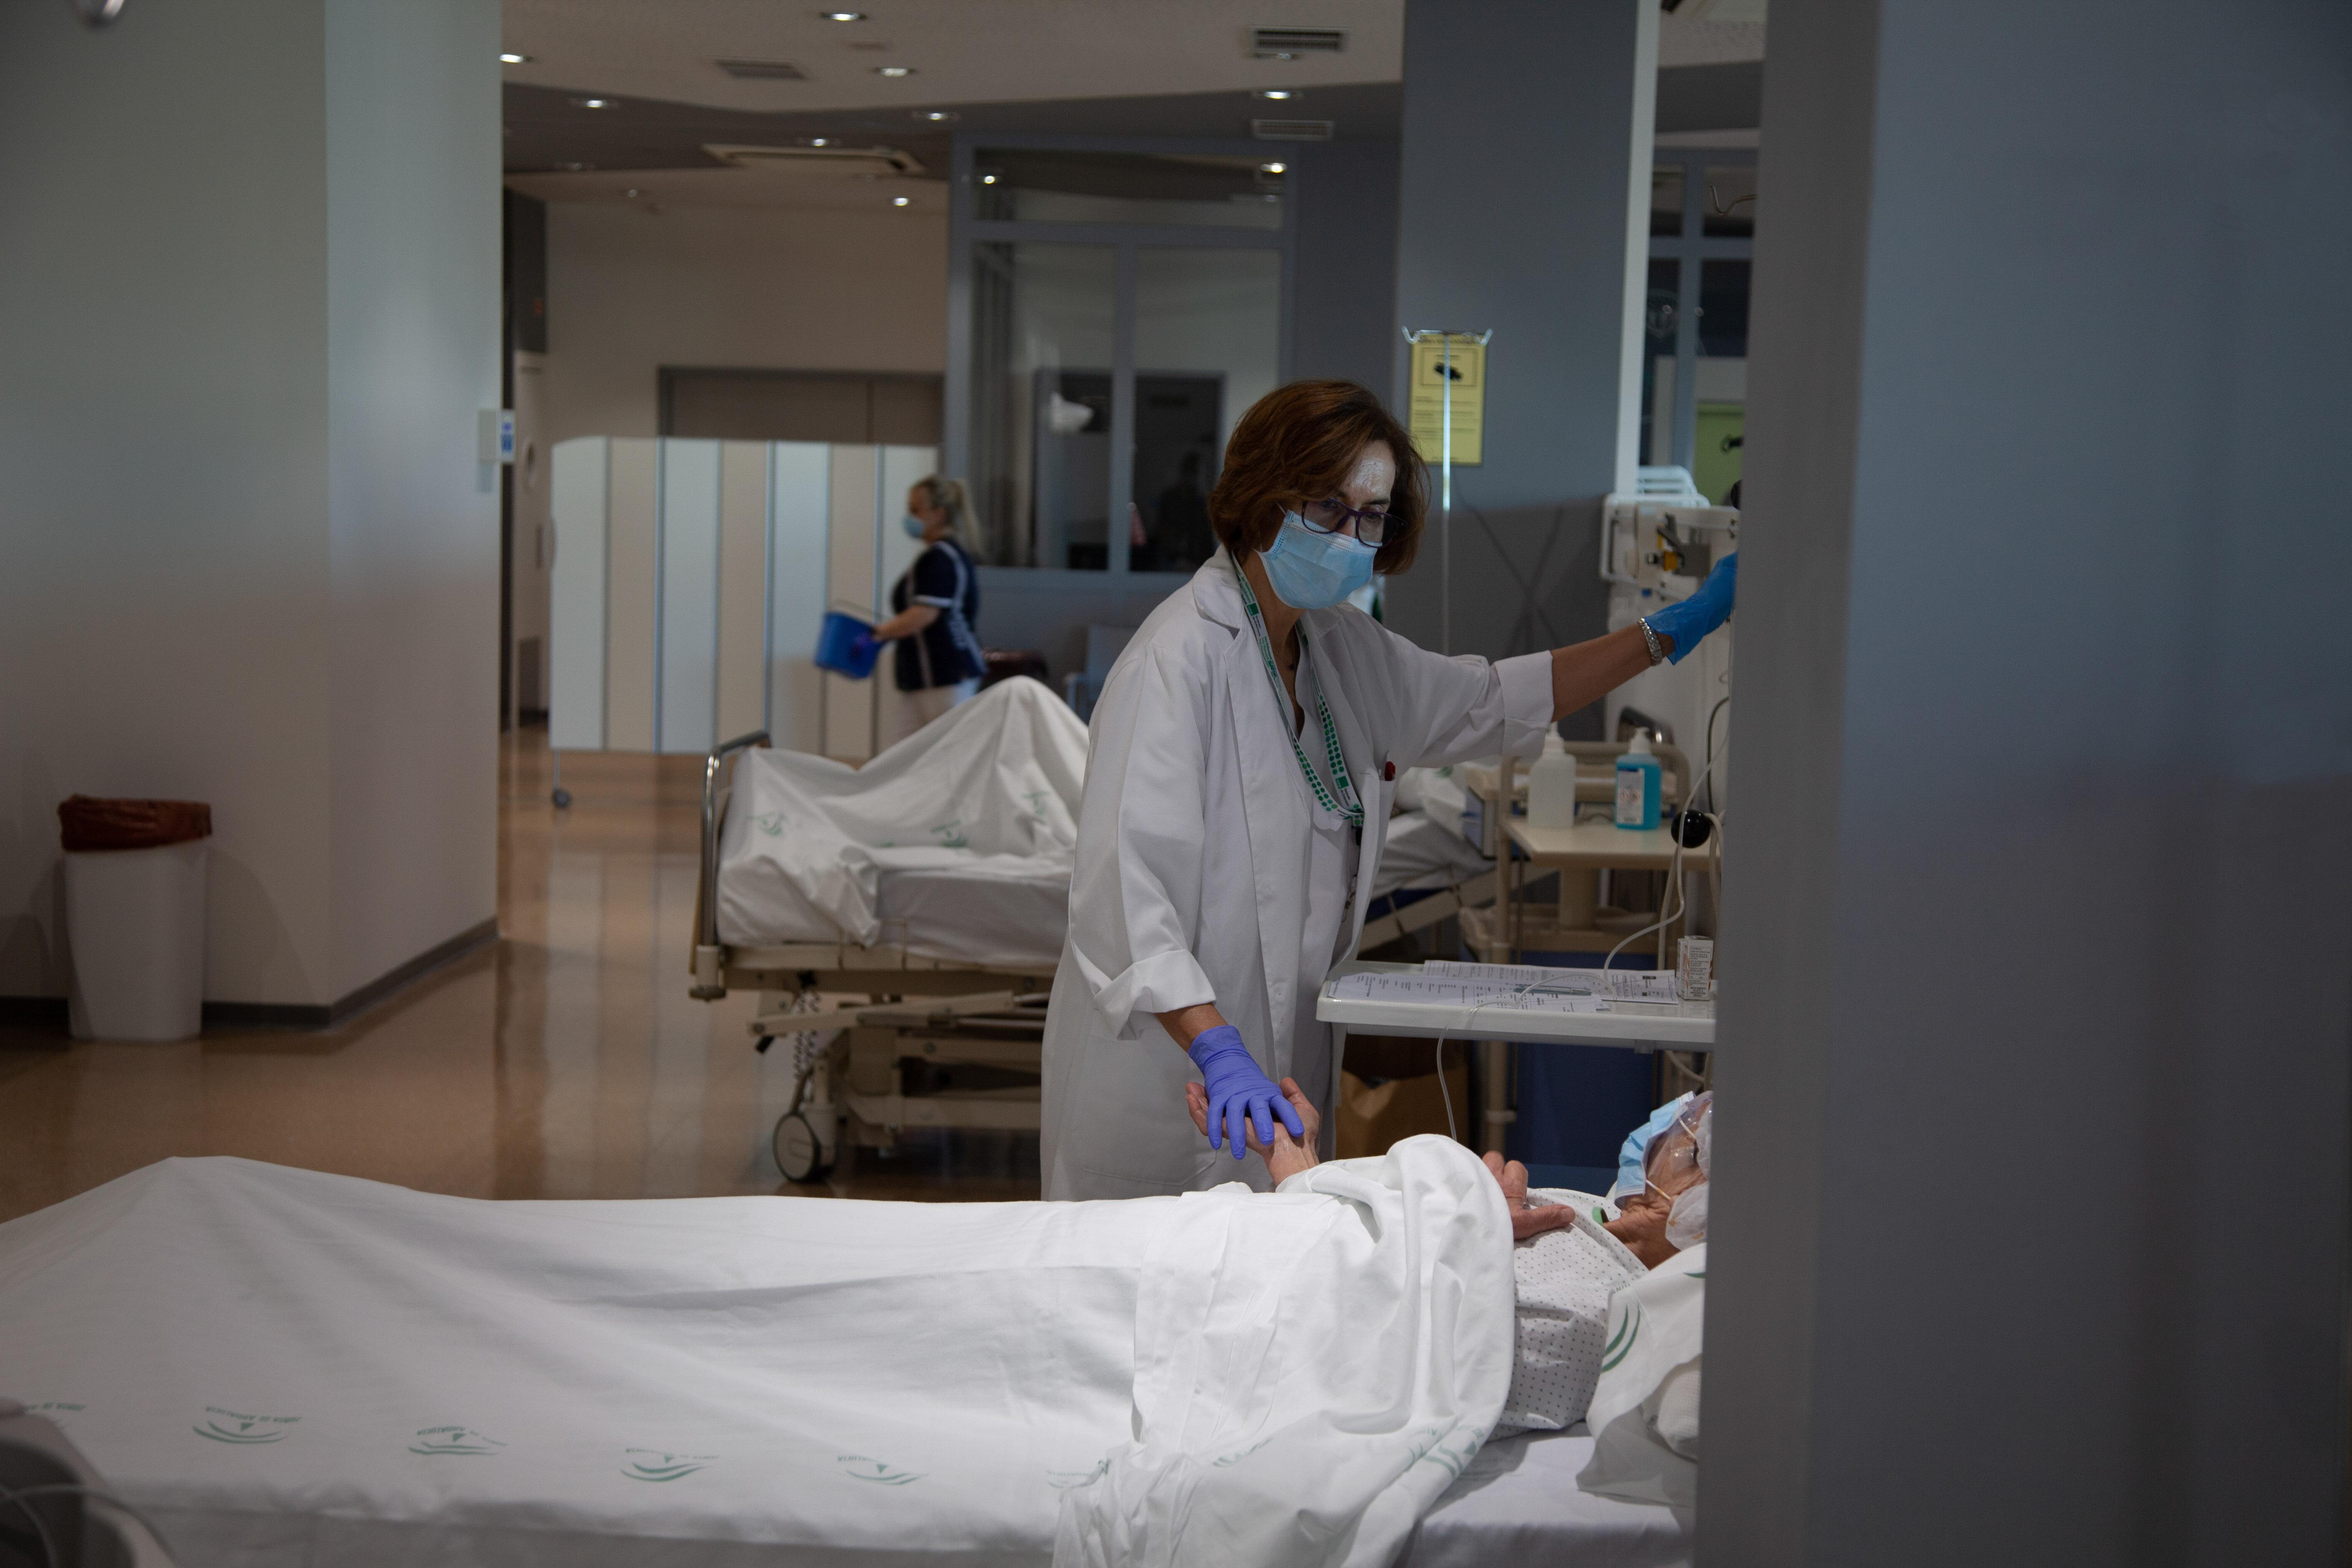 Andalucía registra 846 hospitalizados, la cifra más baja de 2021, y los pacientes en UCI caen hasta 237